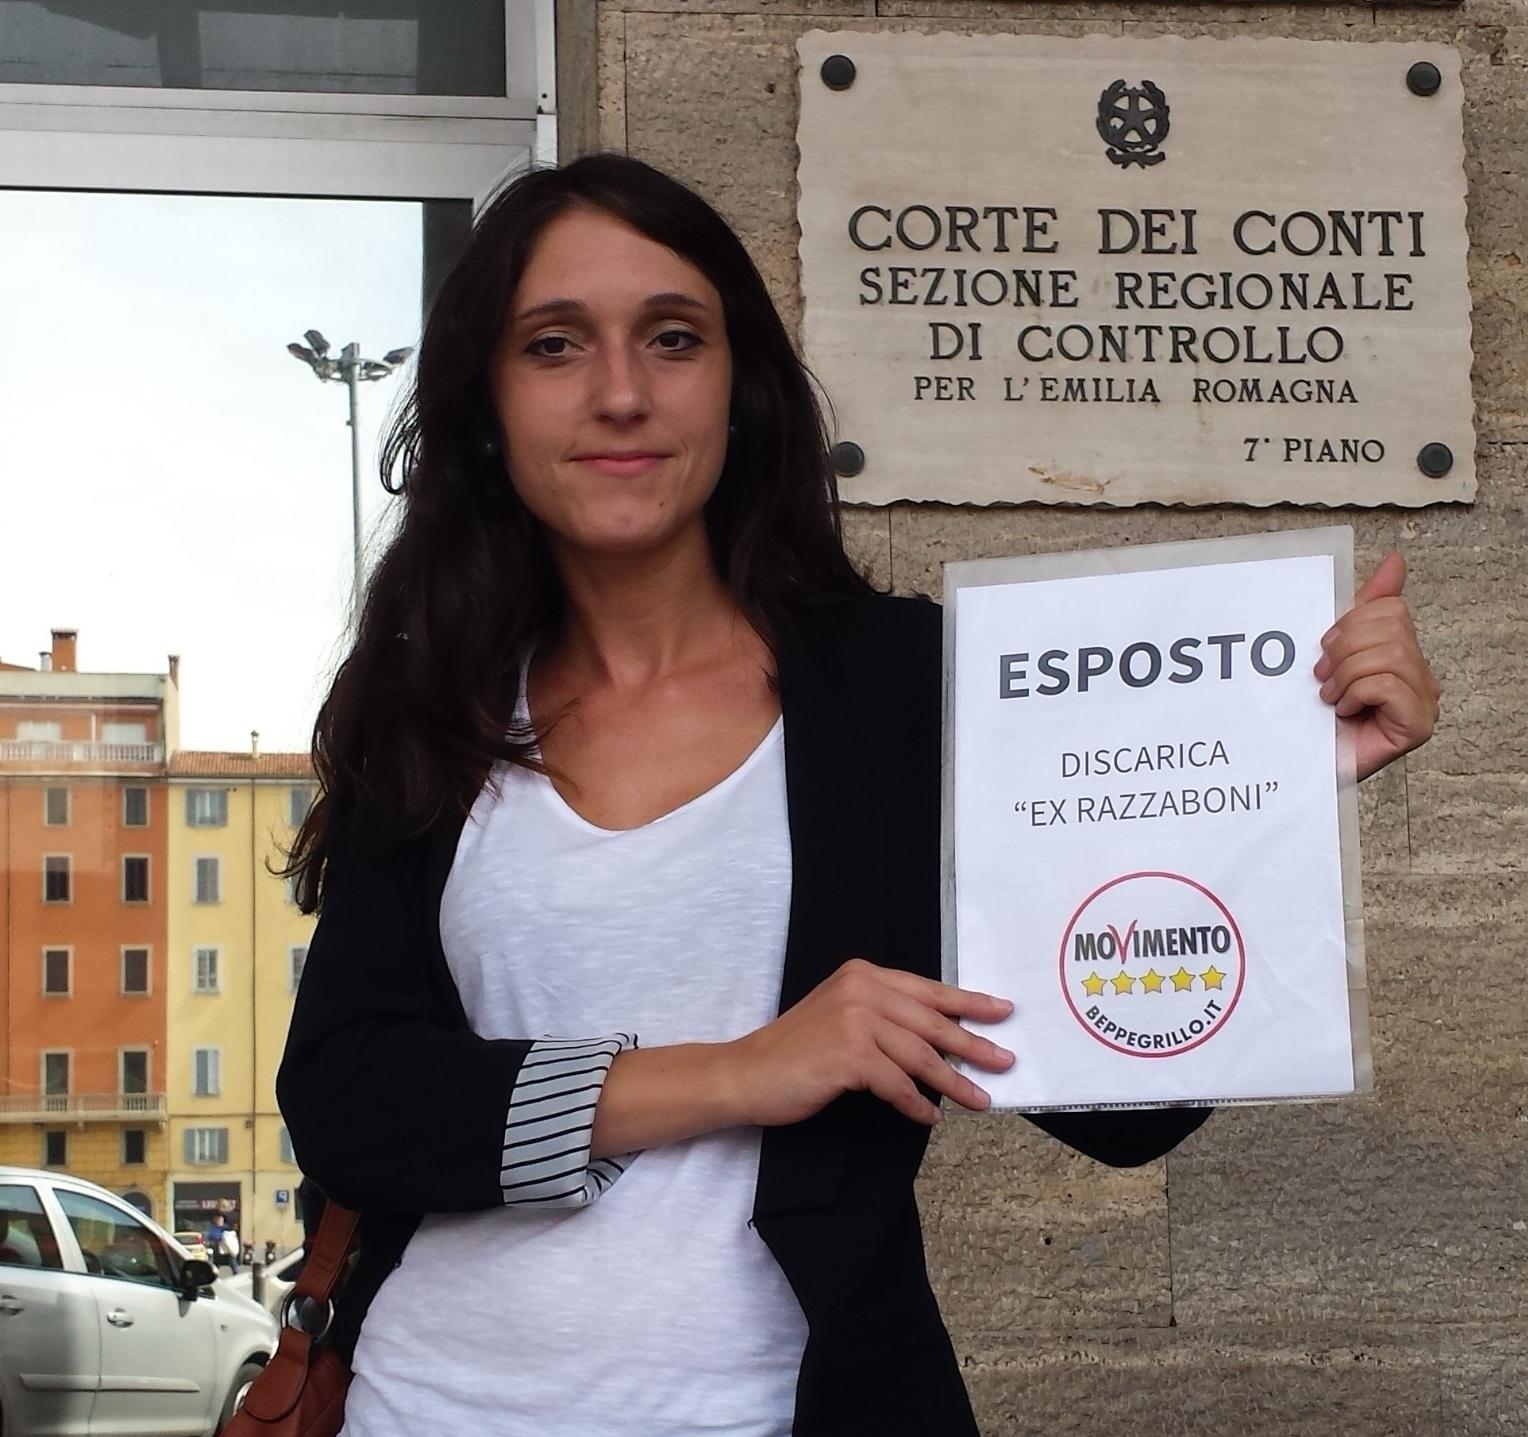 Silvia Piccinini, consigliera regionale del M5S, davanti alla sezione regionale della Corte dei Conti a Bologna per presentare l'esposto sulla vicenda della discarica di San Giovanni in Persiceto